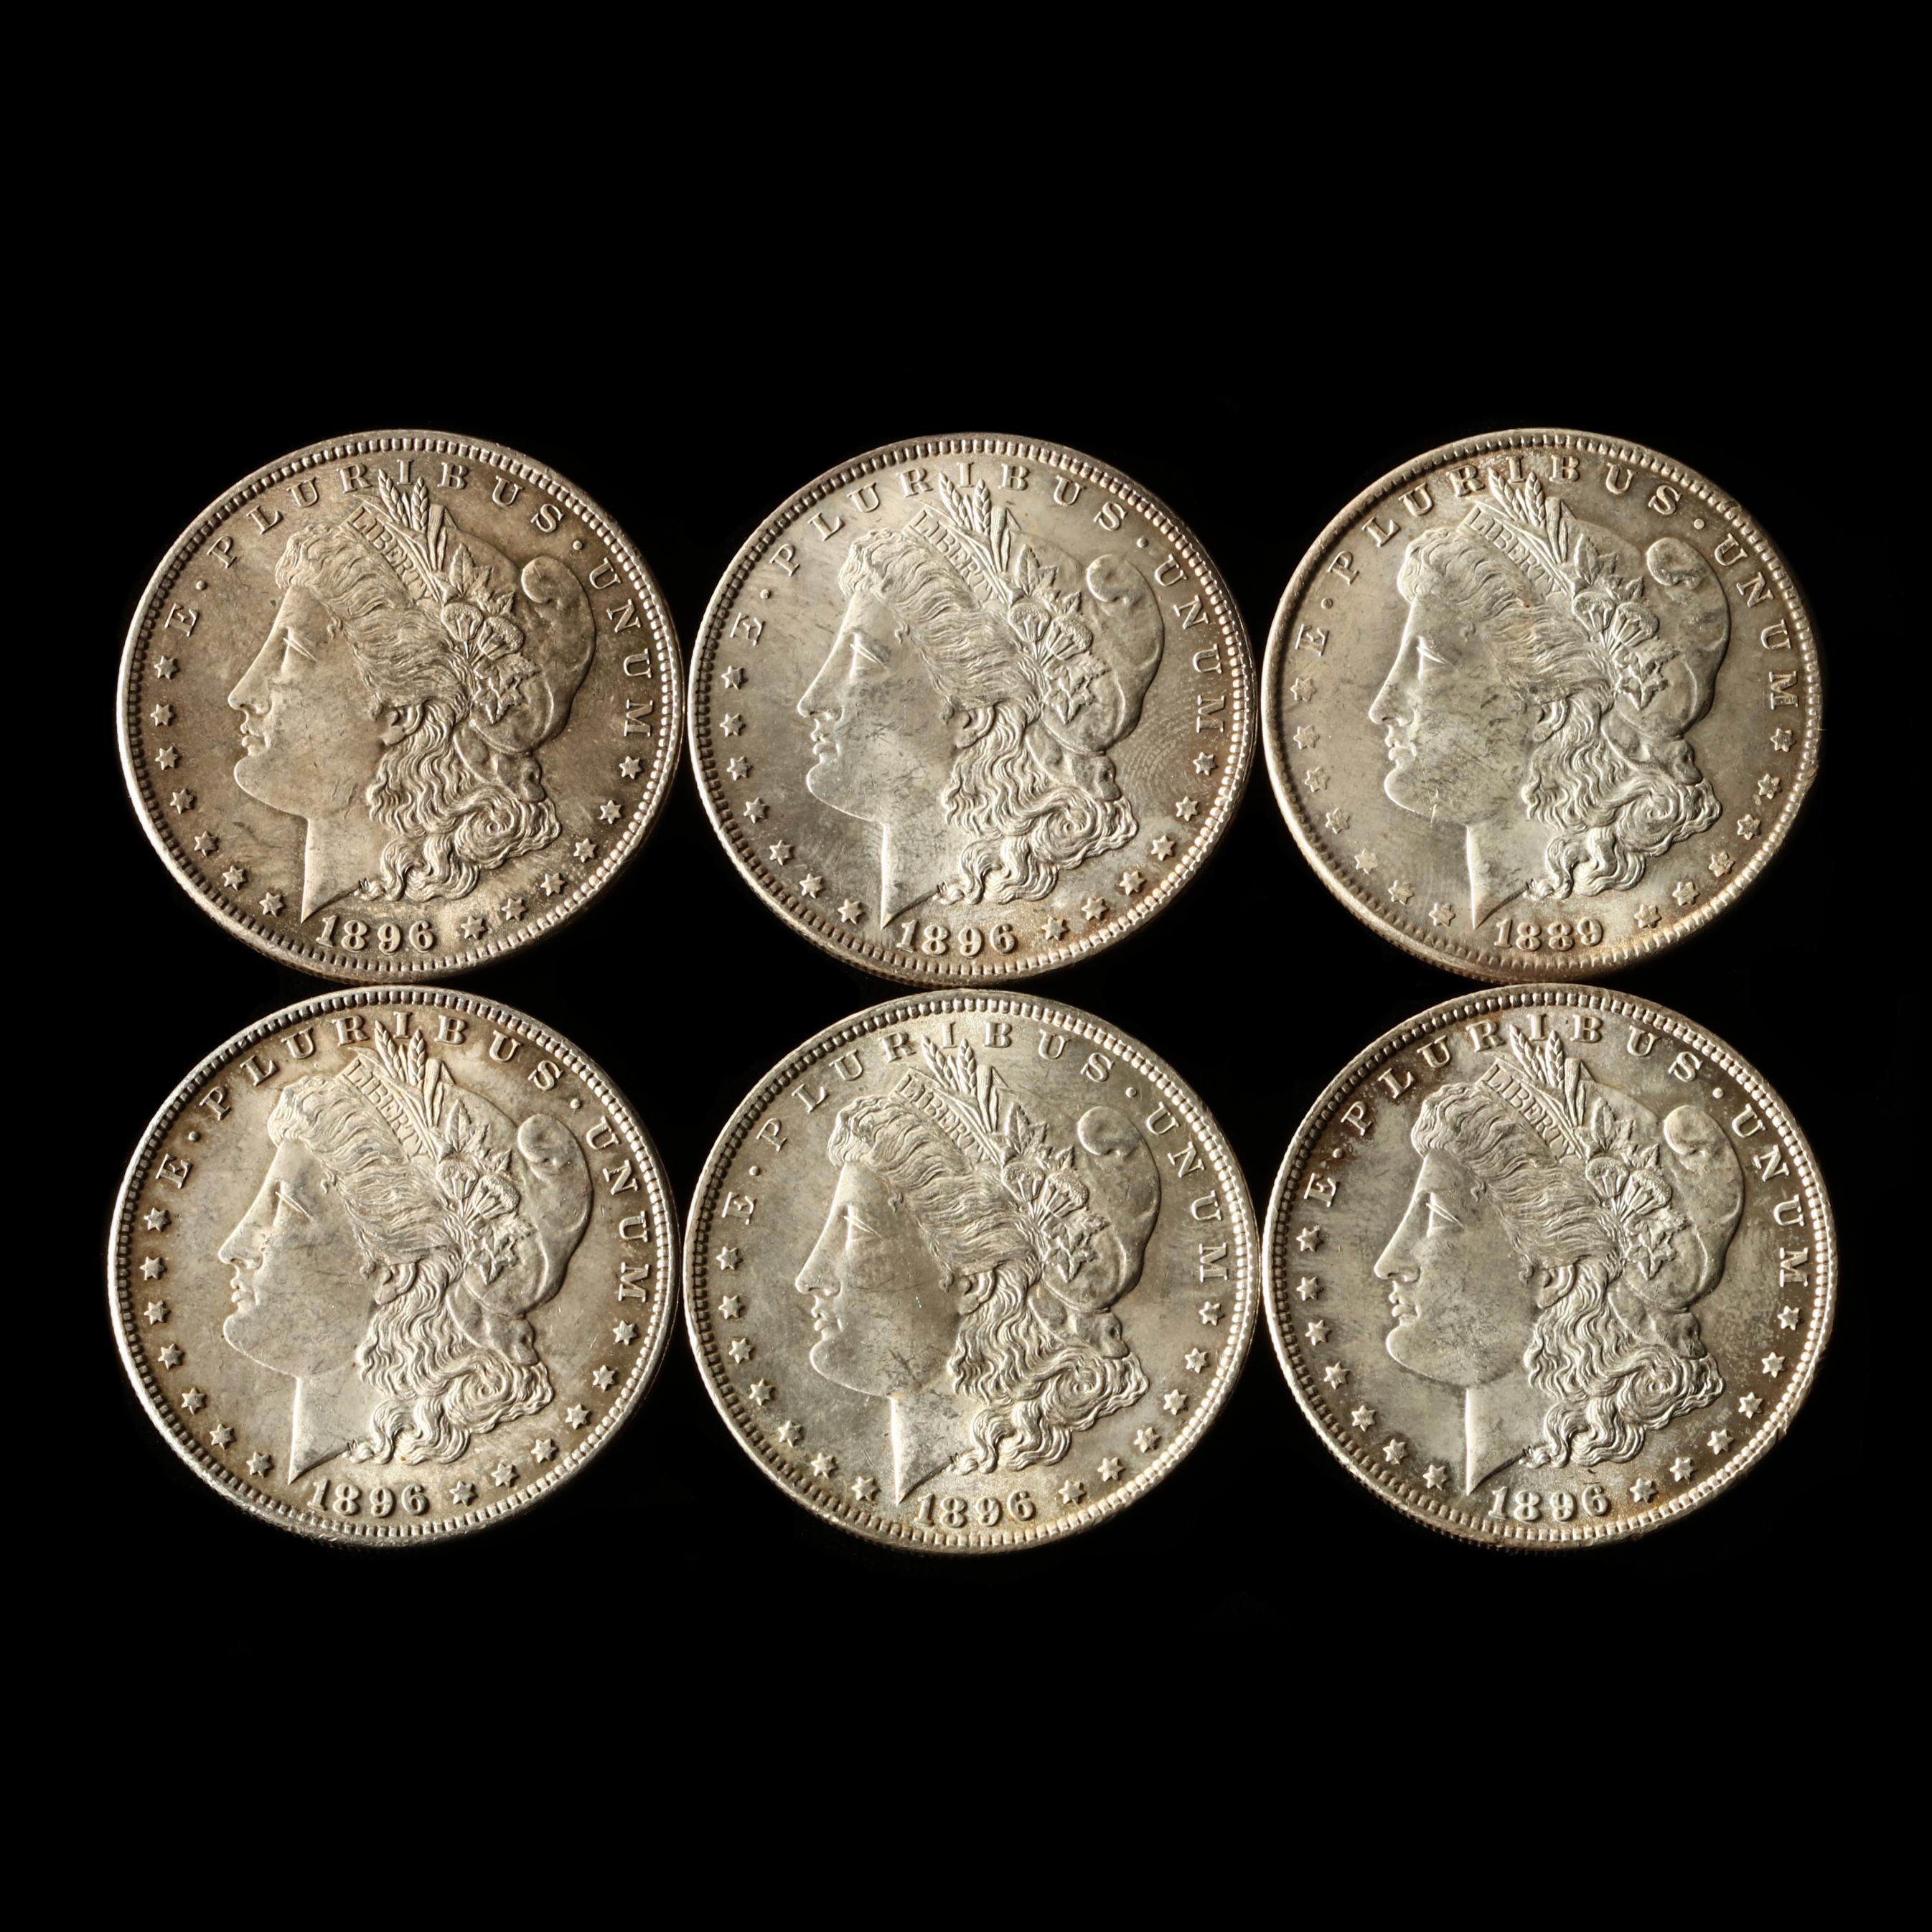 six-better-grade-morgan-silver-dollars